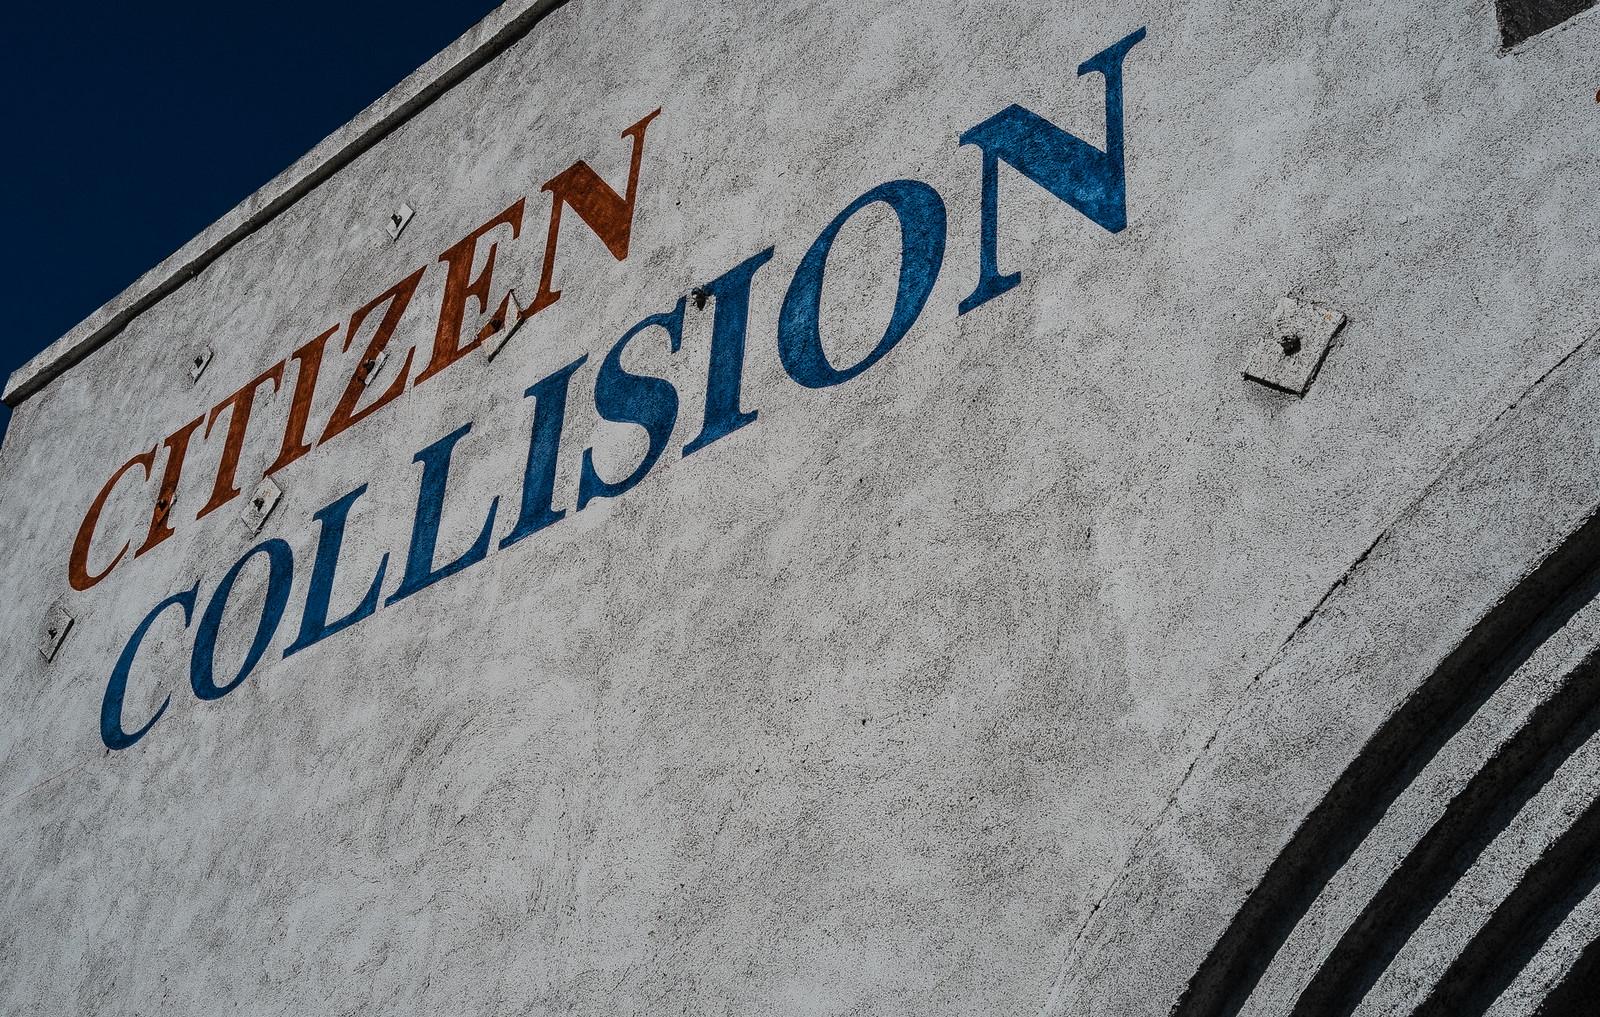 Citizen Collision | by michaelj1998